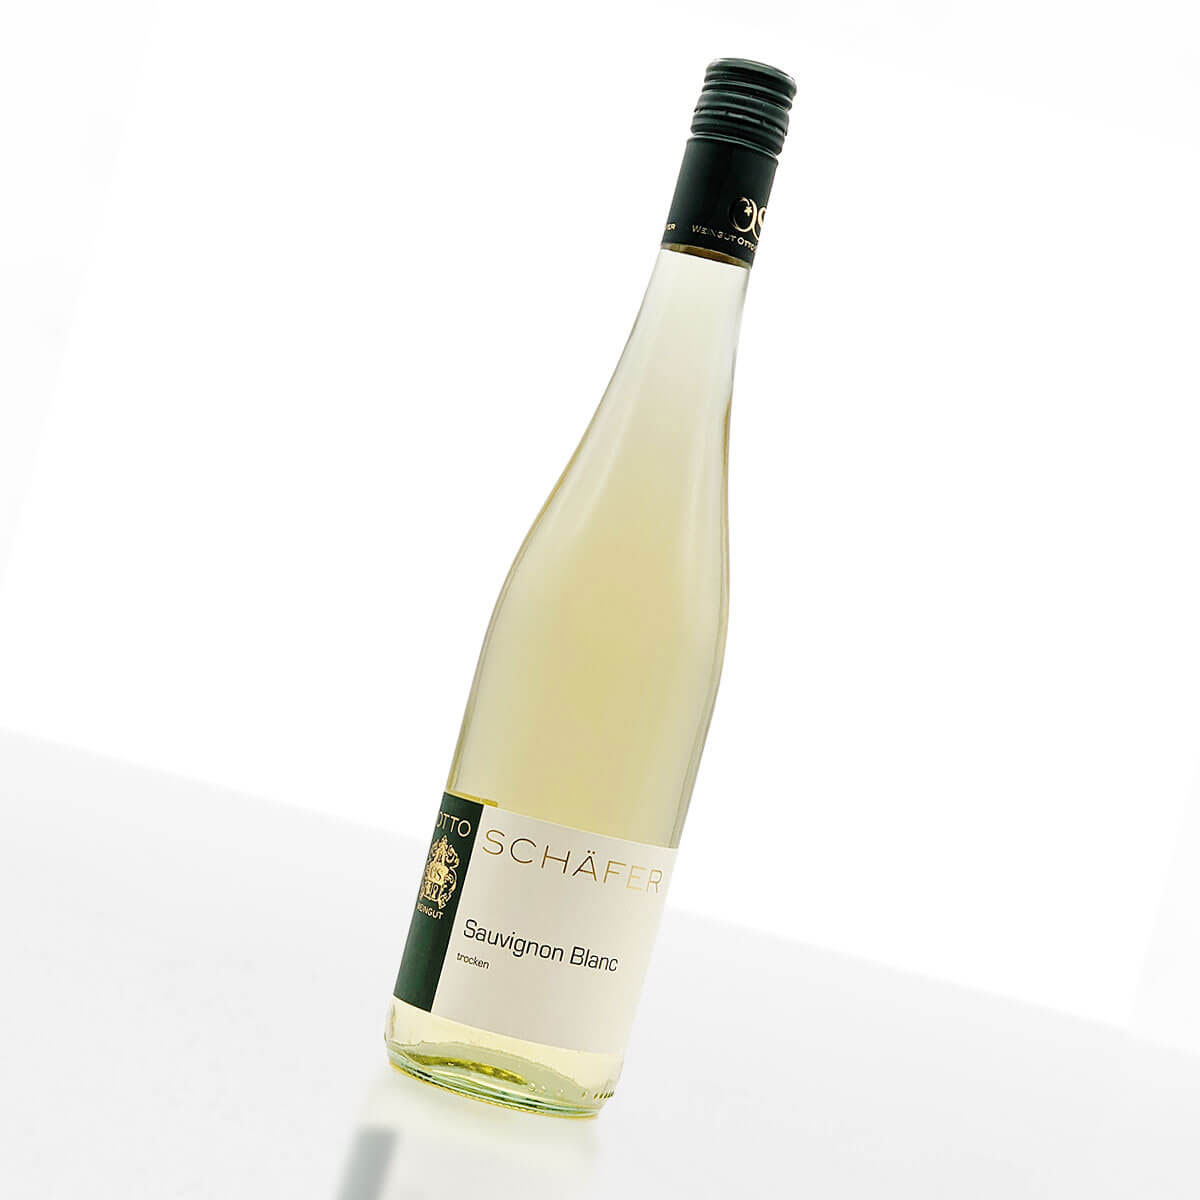 2019er Sauvignon Blanc trocken • Weingut Otto Schäfer